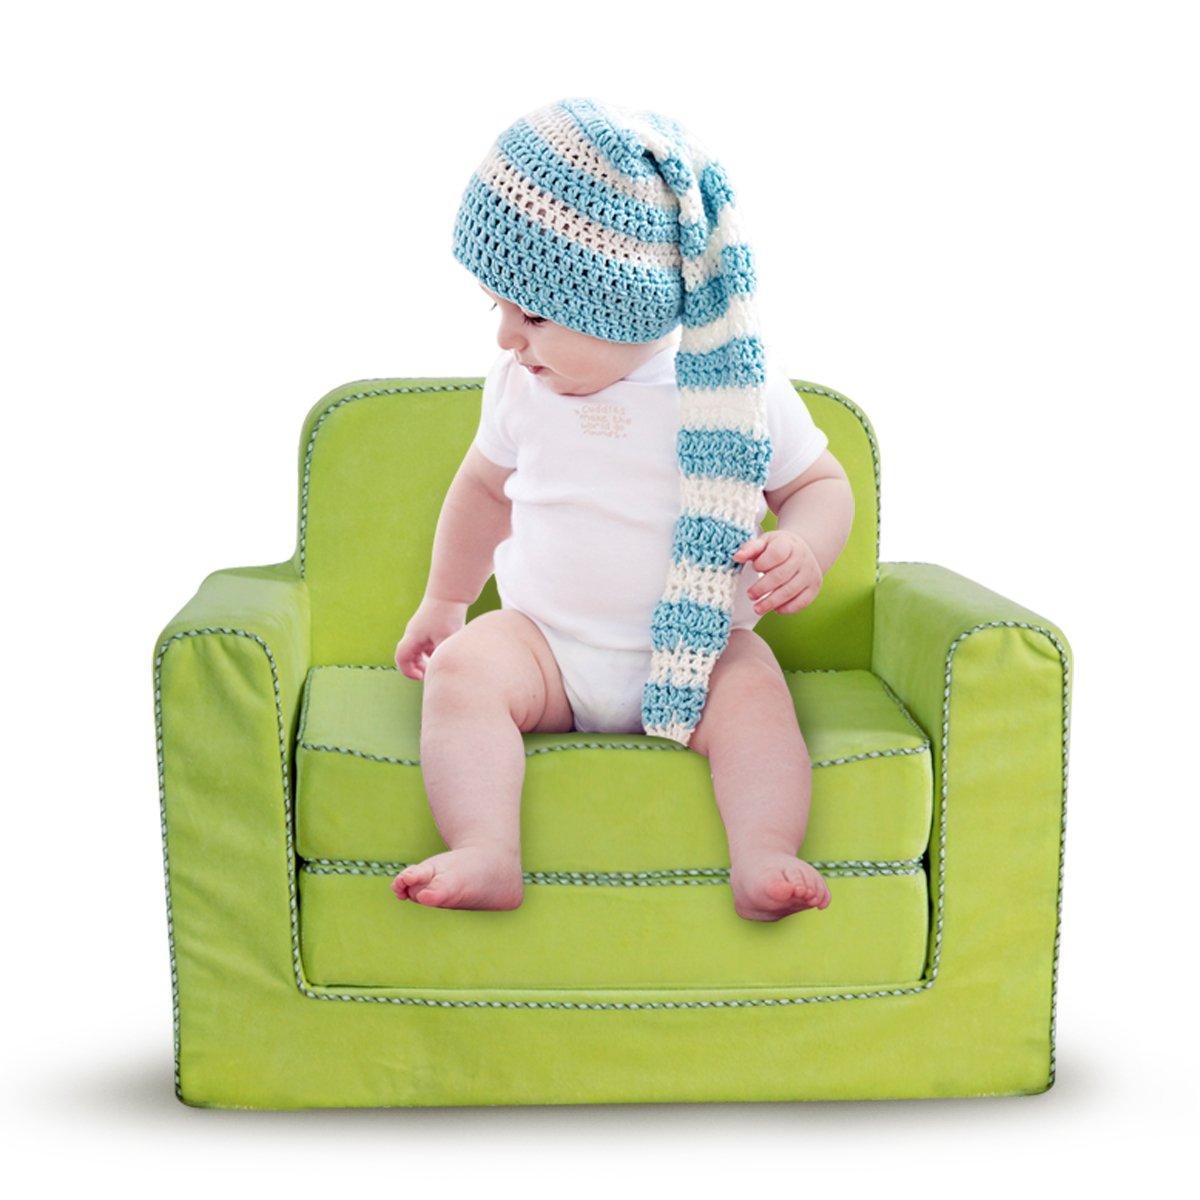 曼诺普 可爱婴儿沙发 儿童小沙发 宝宝沙发 婴儿时尚沙发 包邮